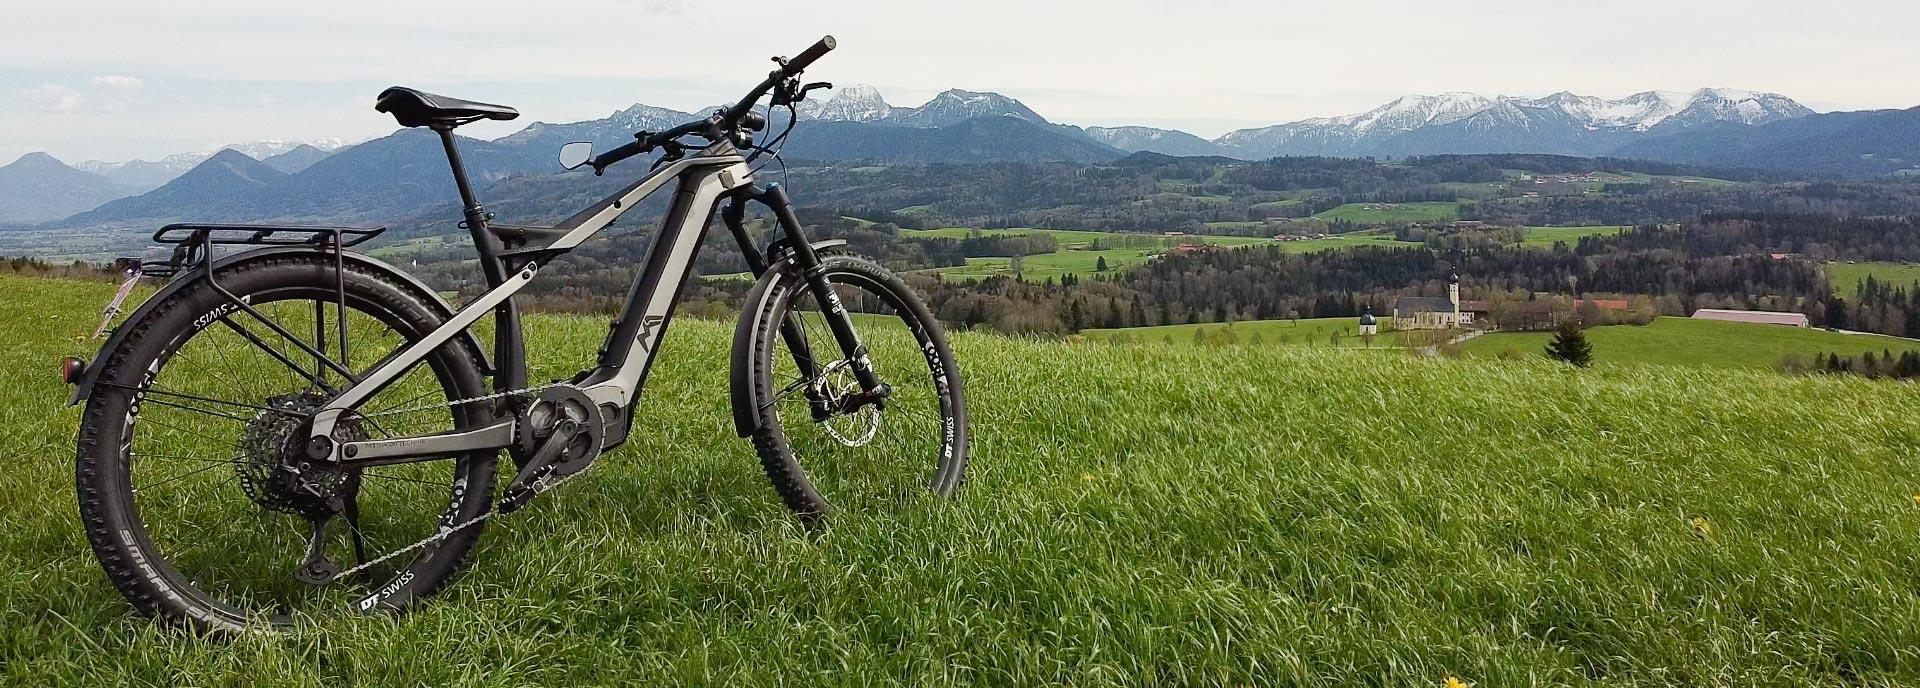 S-Pedelec: Goldene Mitte zwischen Fahrrad und Auto?